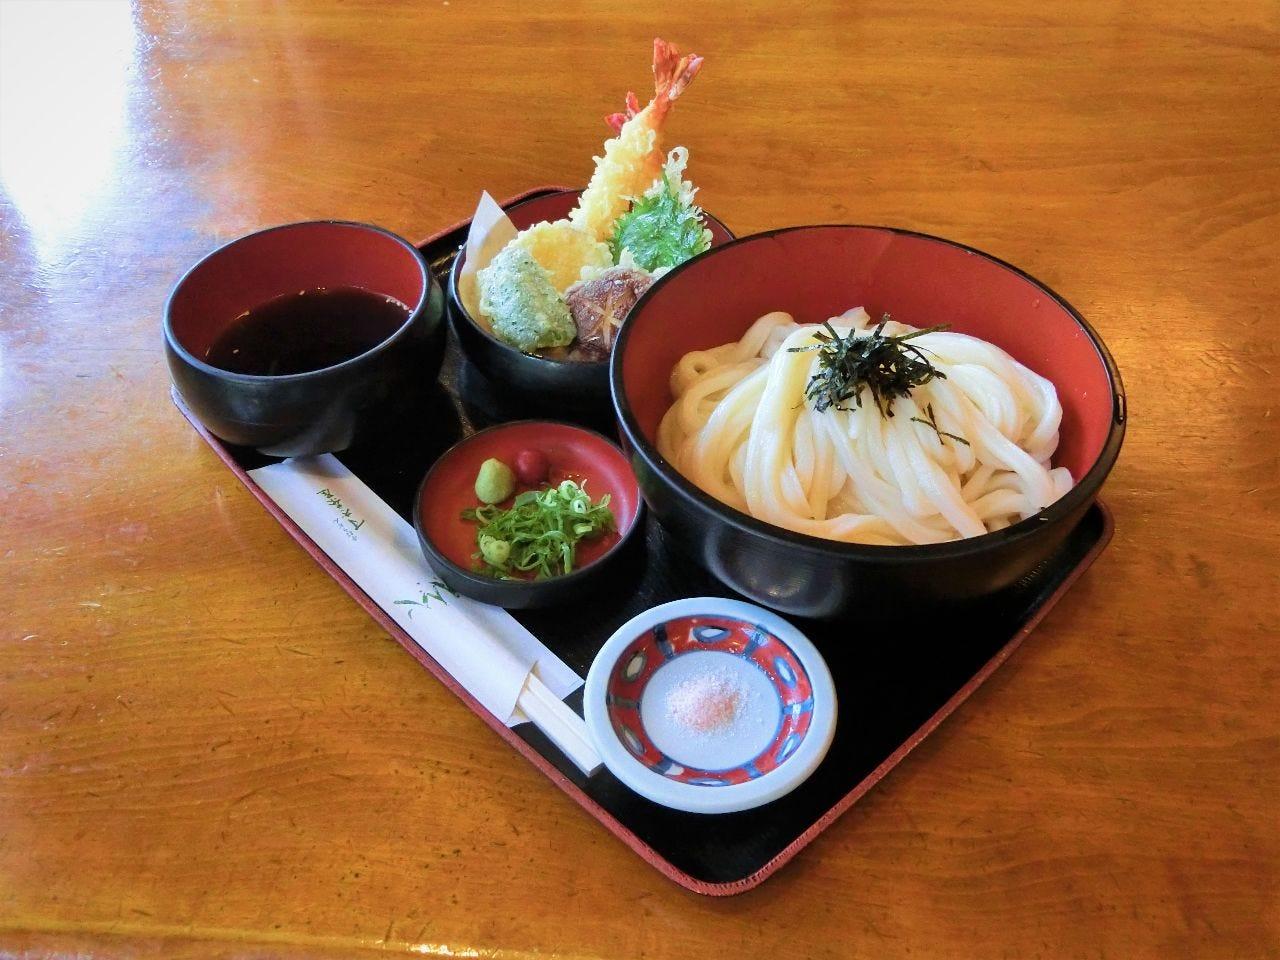 上天ざるうどん。五種の天ぷらとたんわりざるうどんのセットです